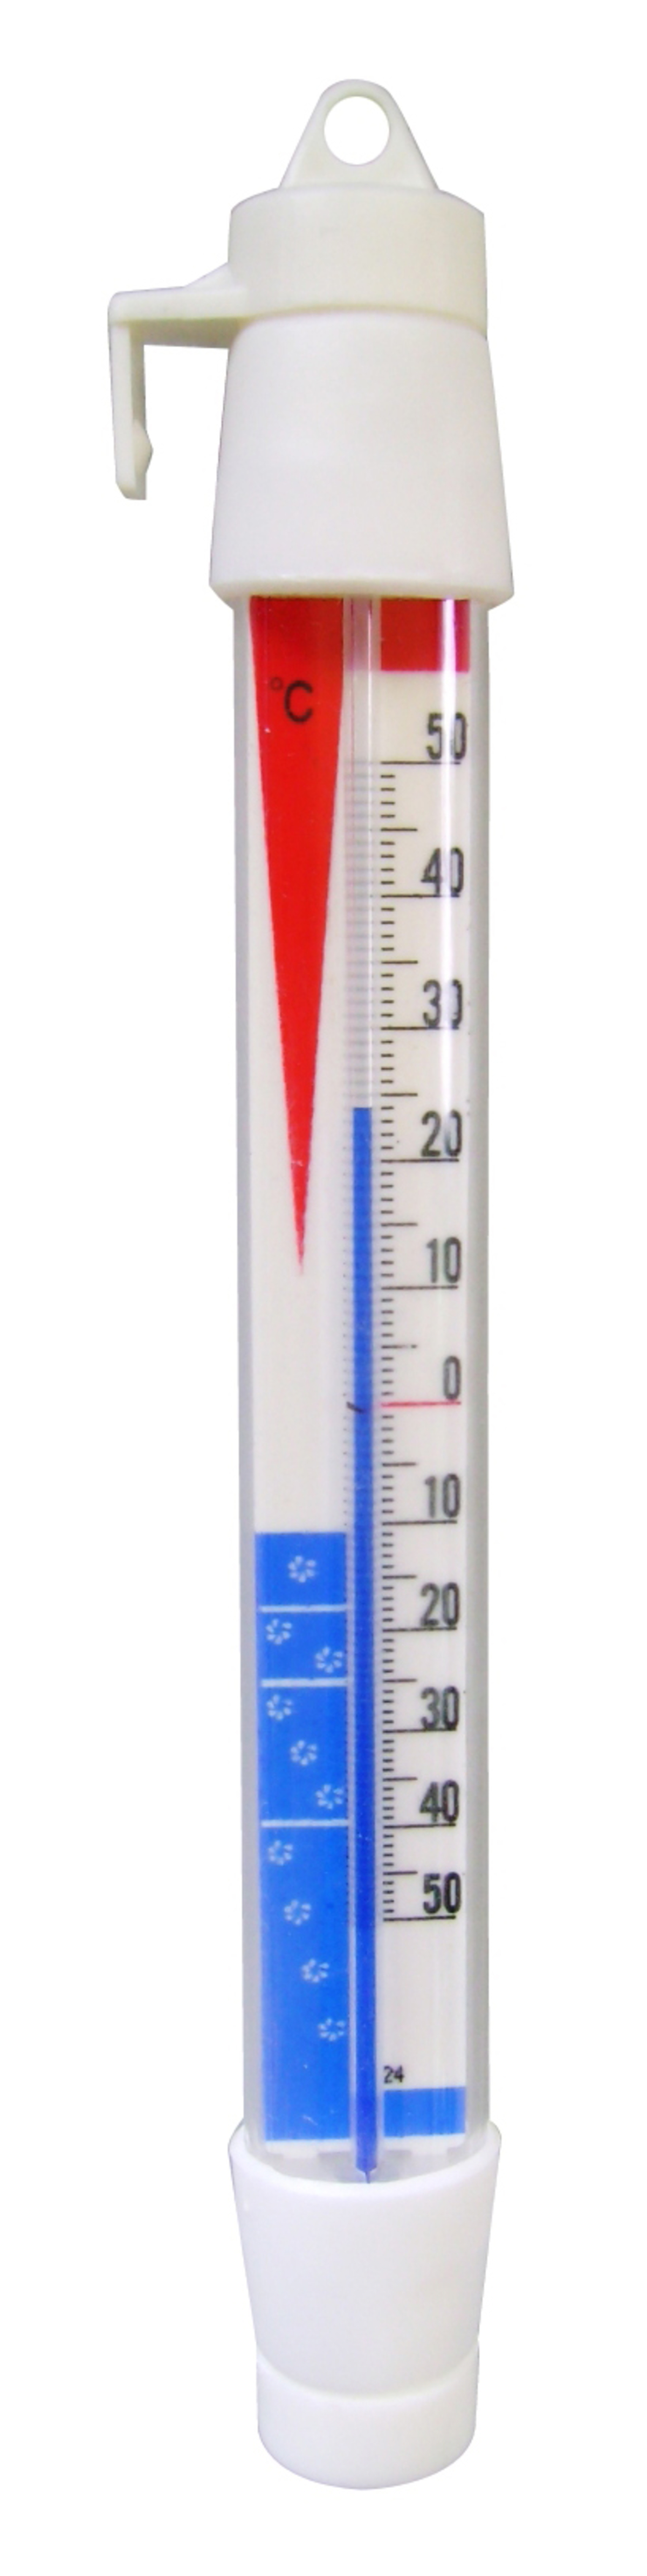 Thermomètre mécanique réfrigérateur -50/50 °C +/-1°C Alla France